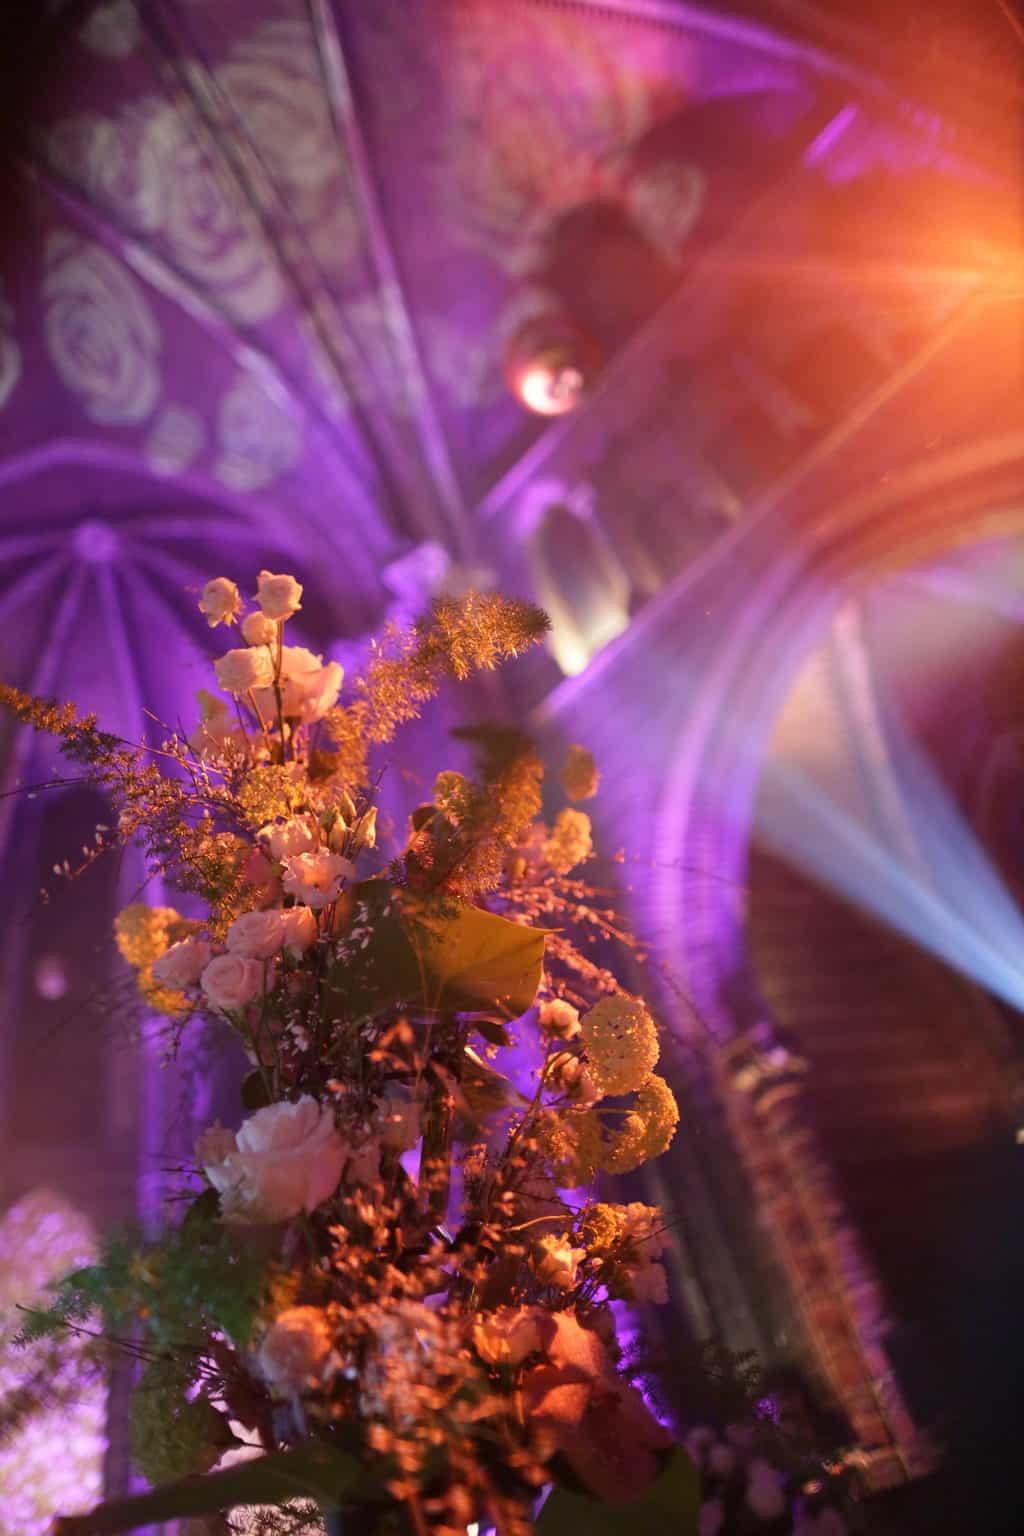 Wedding en Planning | weddingplanner | trouwen in de Vondelkerk | Walkingdiner en feest | winterwedding | trouwen en feesten in een kerk | trouwen in amsterdam | flowerwall | rozenwand | fotocredits Karen Kaper.jpg